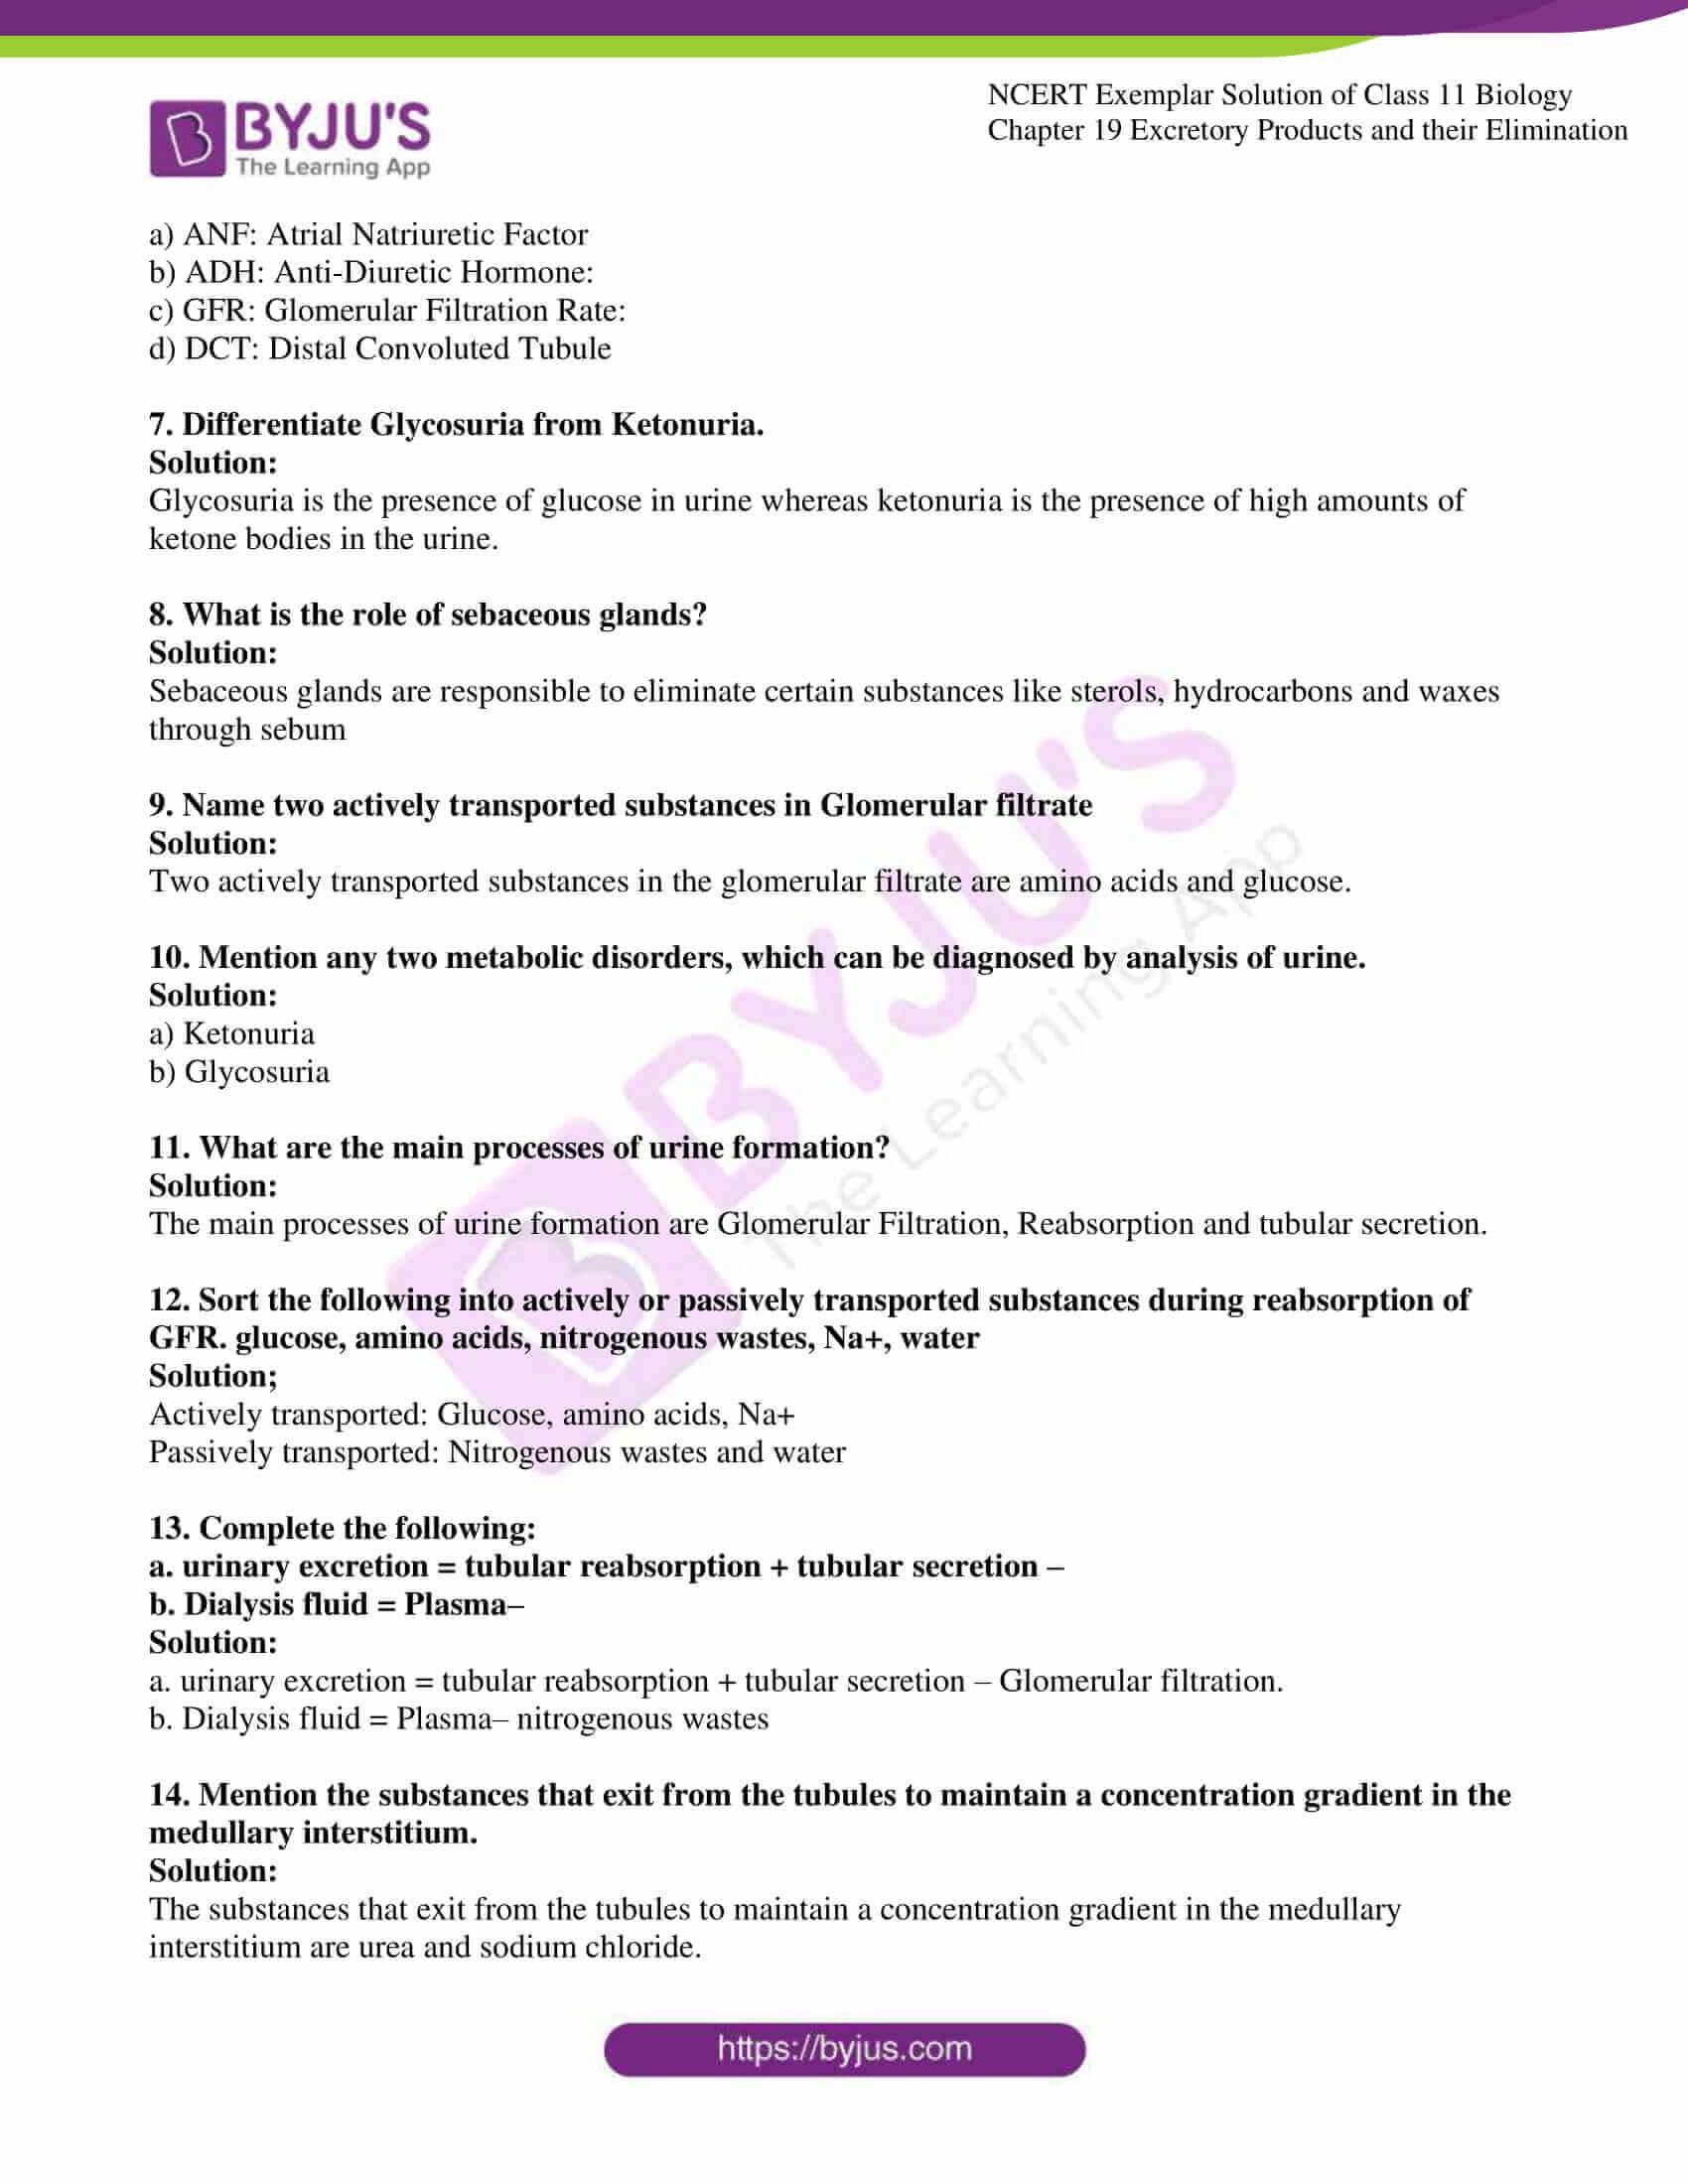 ncert exemplar solutions class 11 biology chapter 19 05